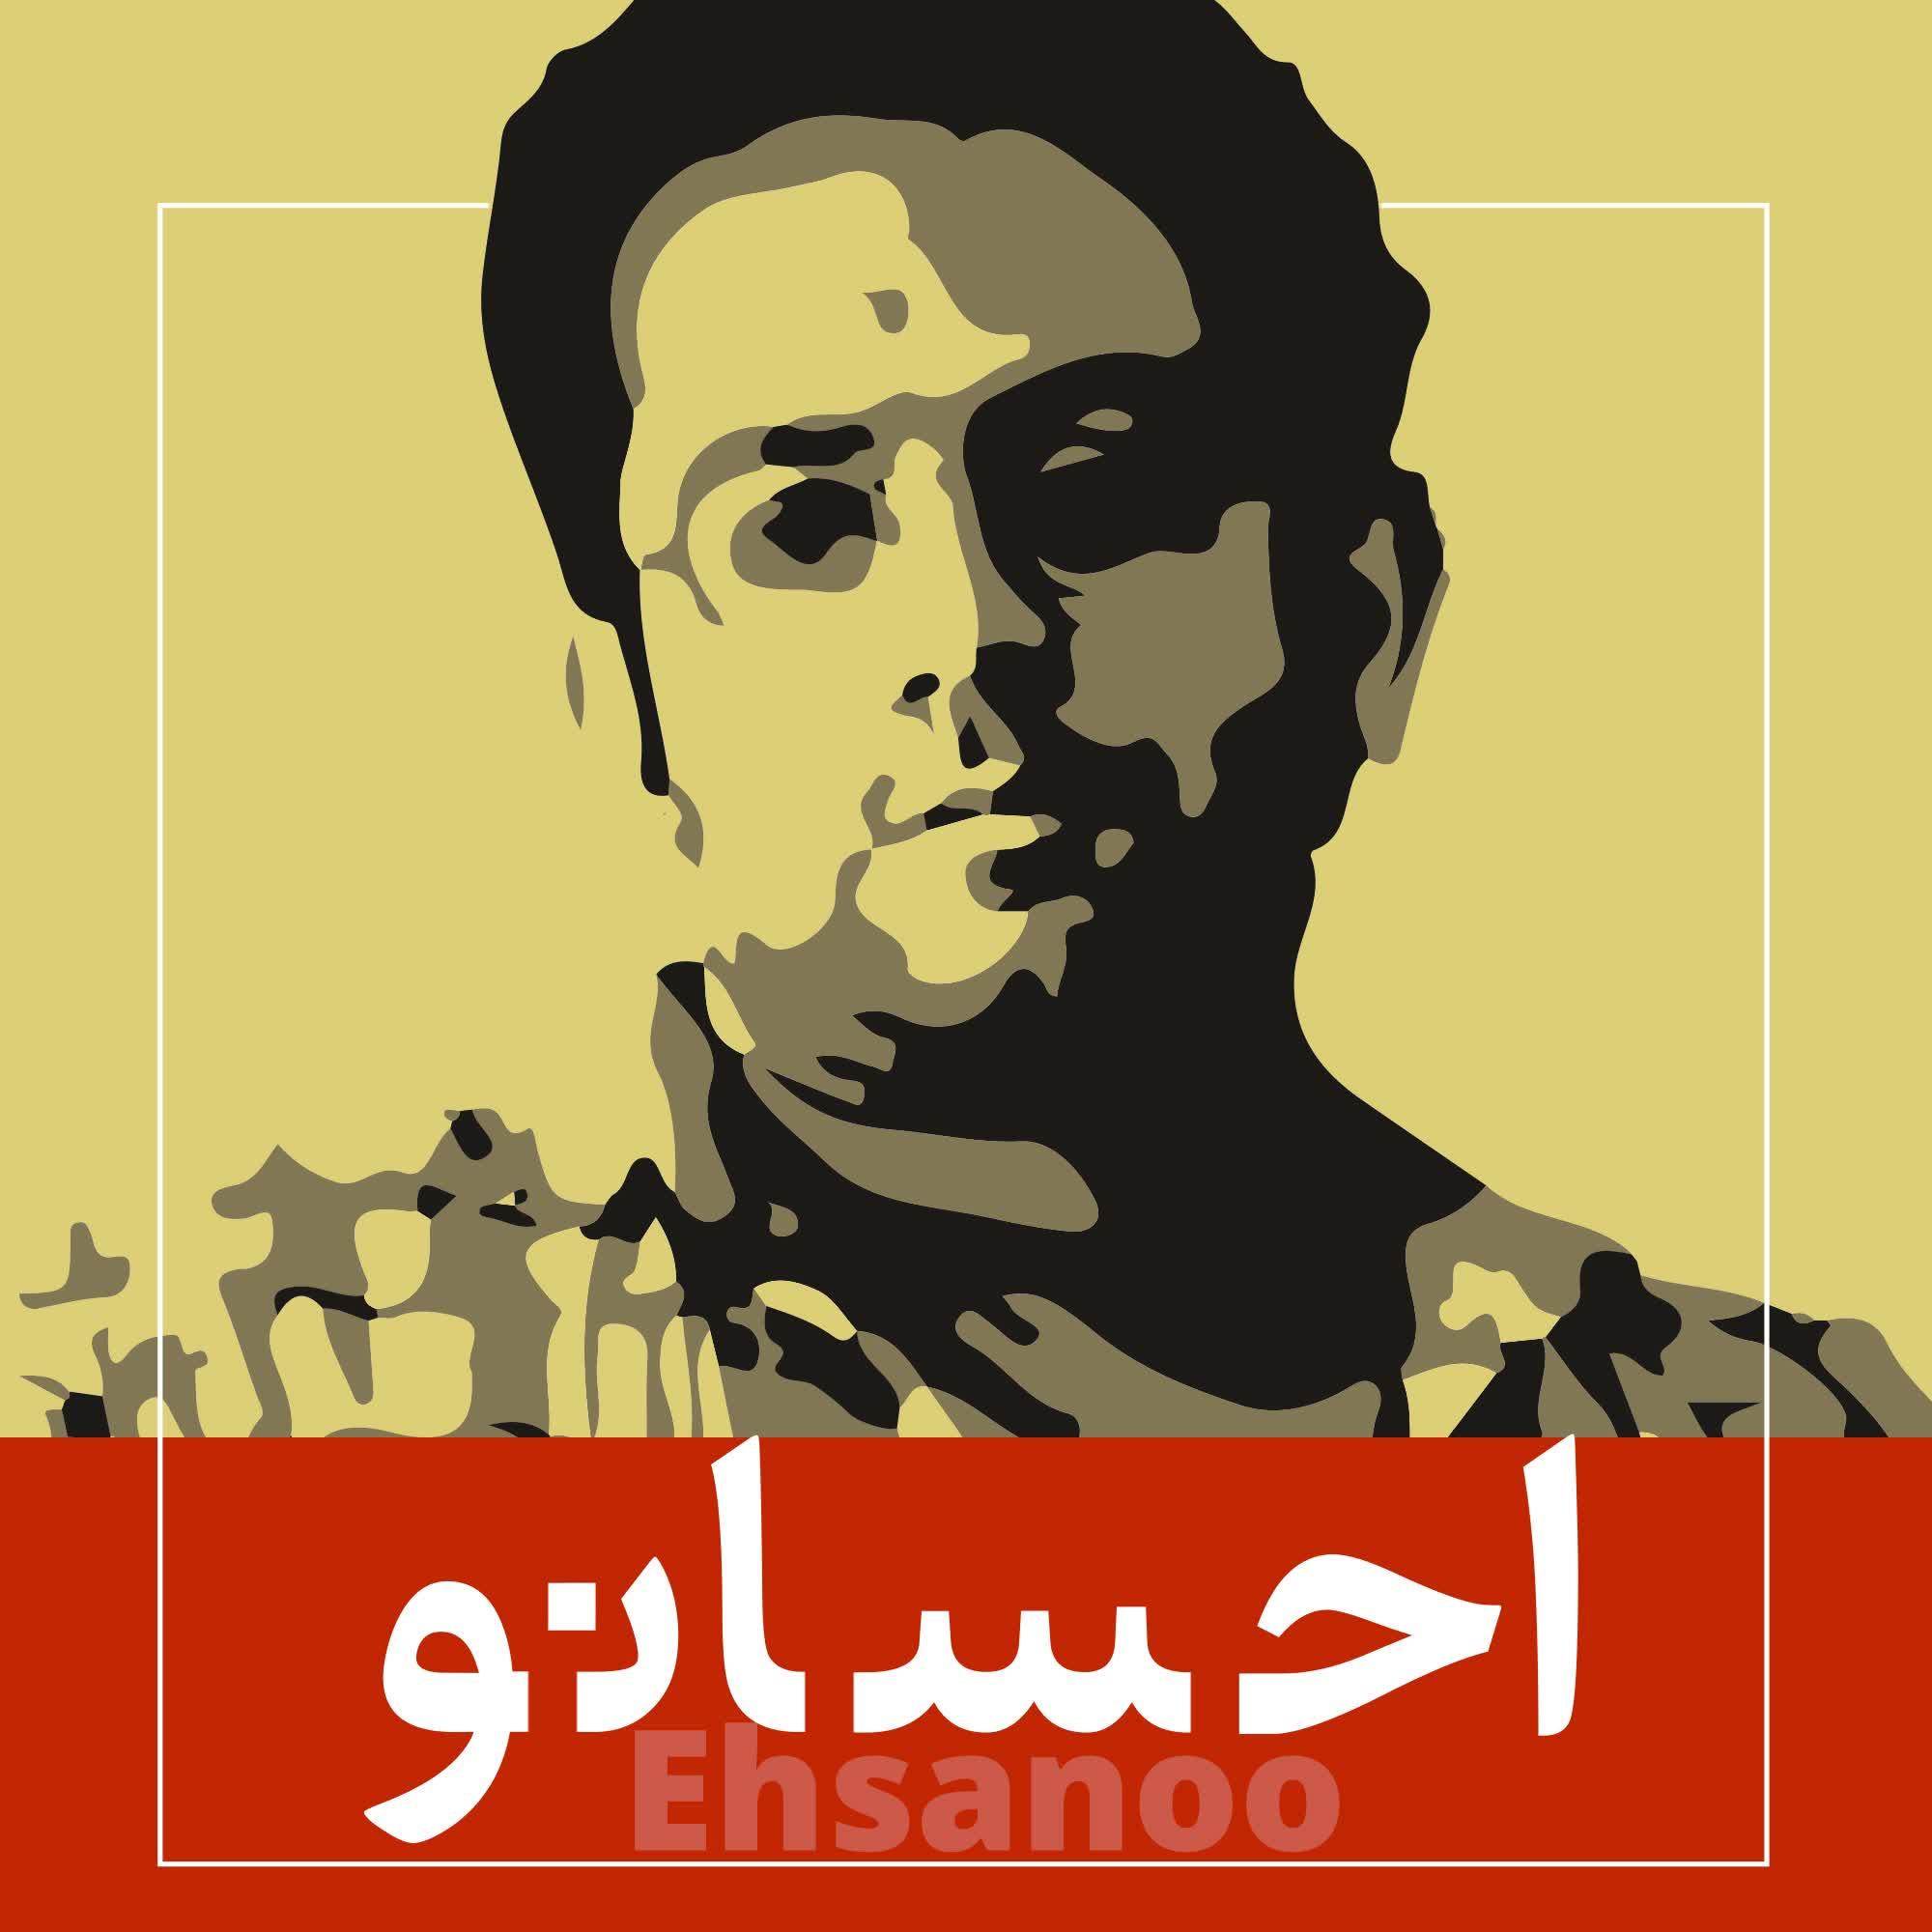 Ehsanoo:sokoot